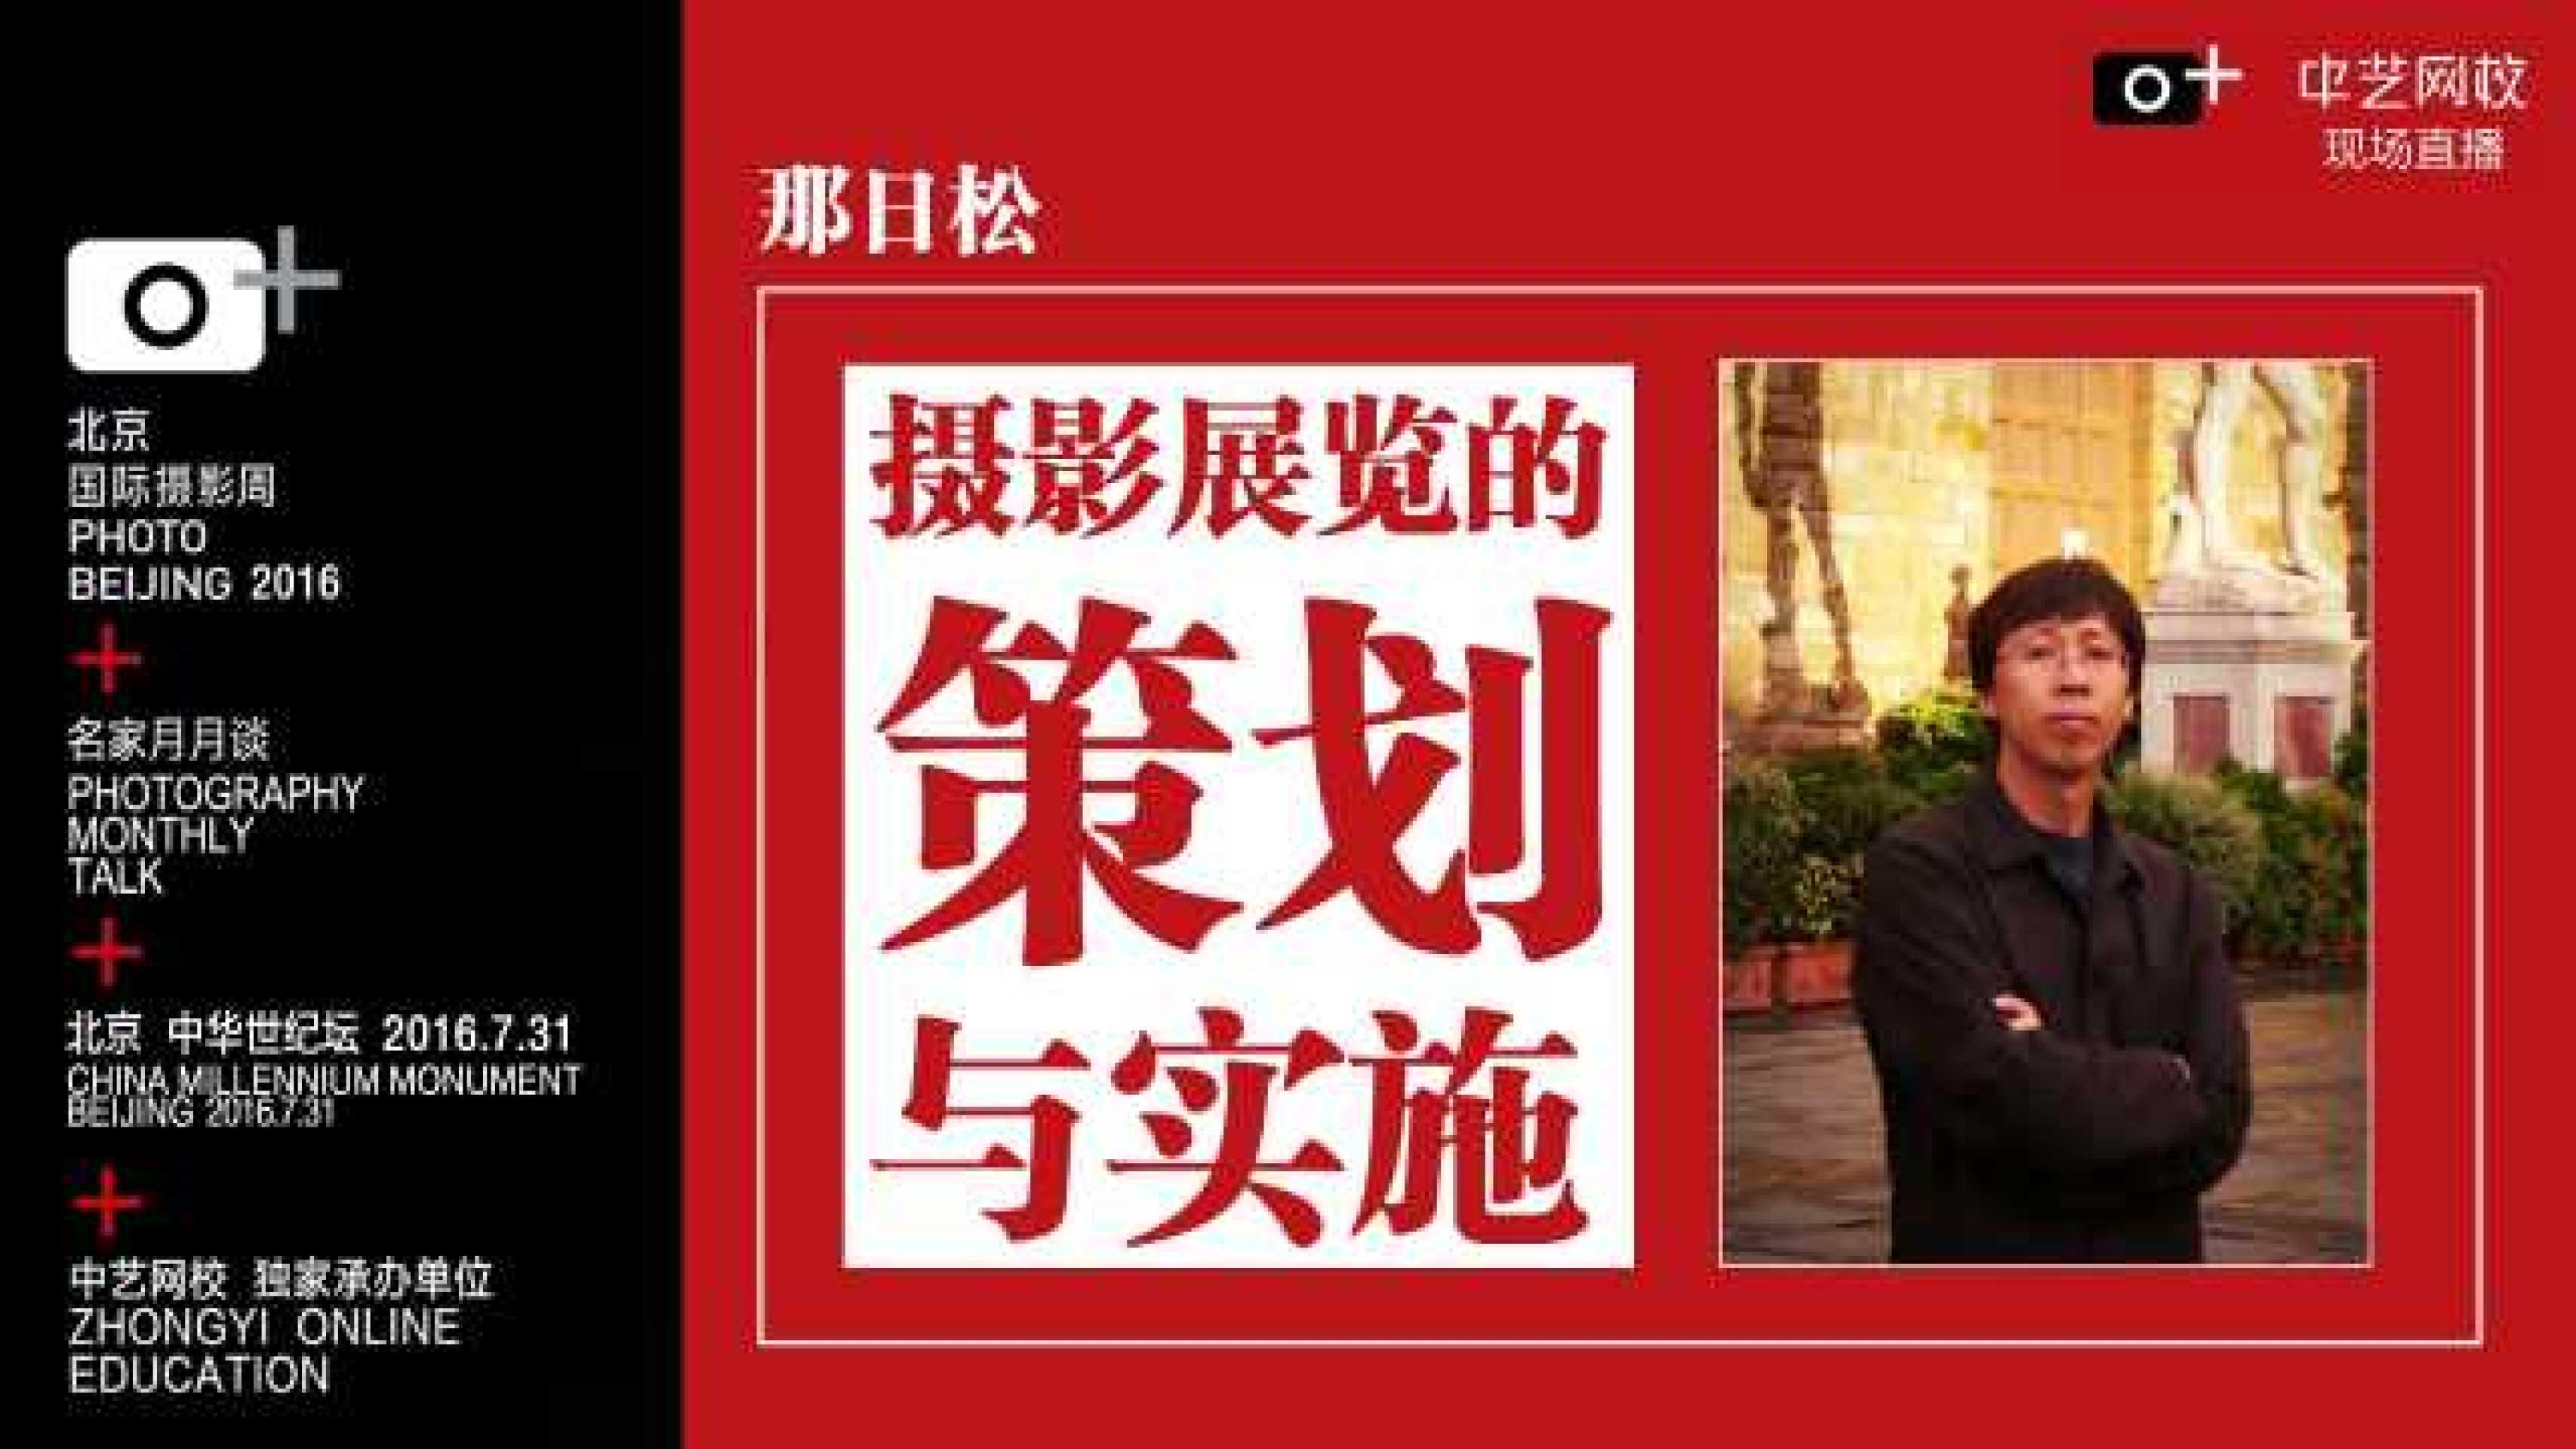 那日松:摄影展览的策划与实施_2016年7月中艺名家月月谈